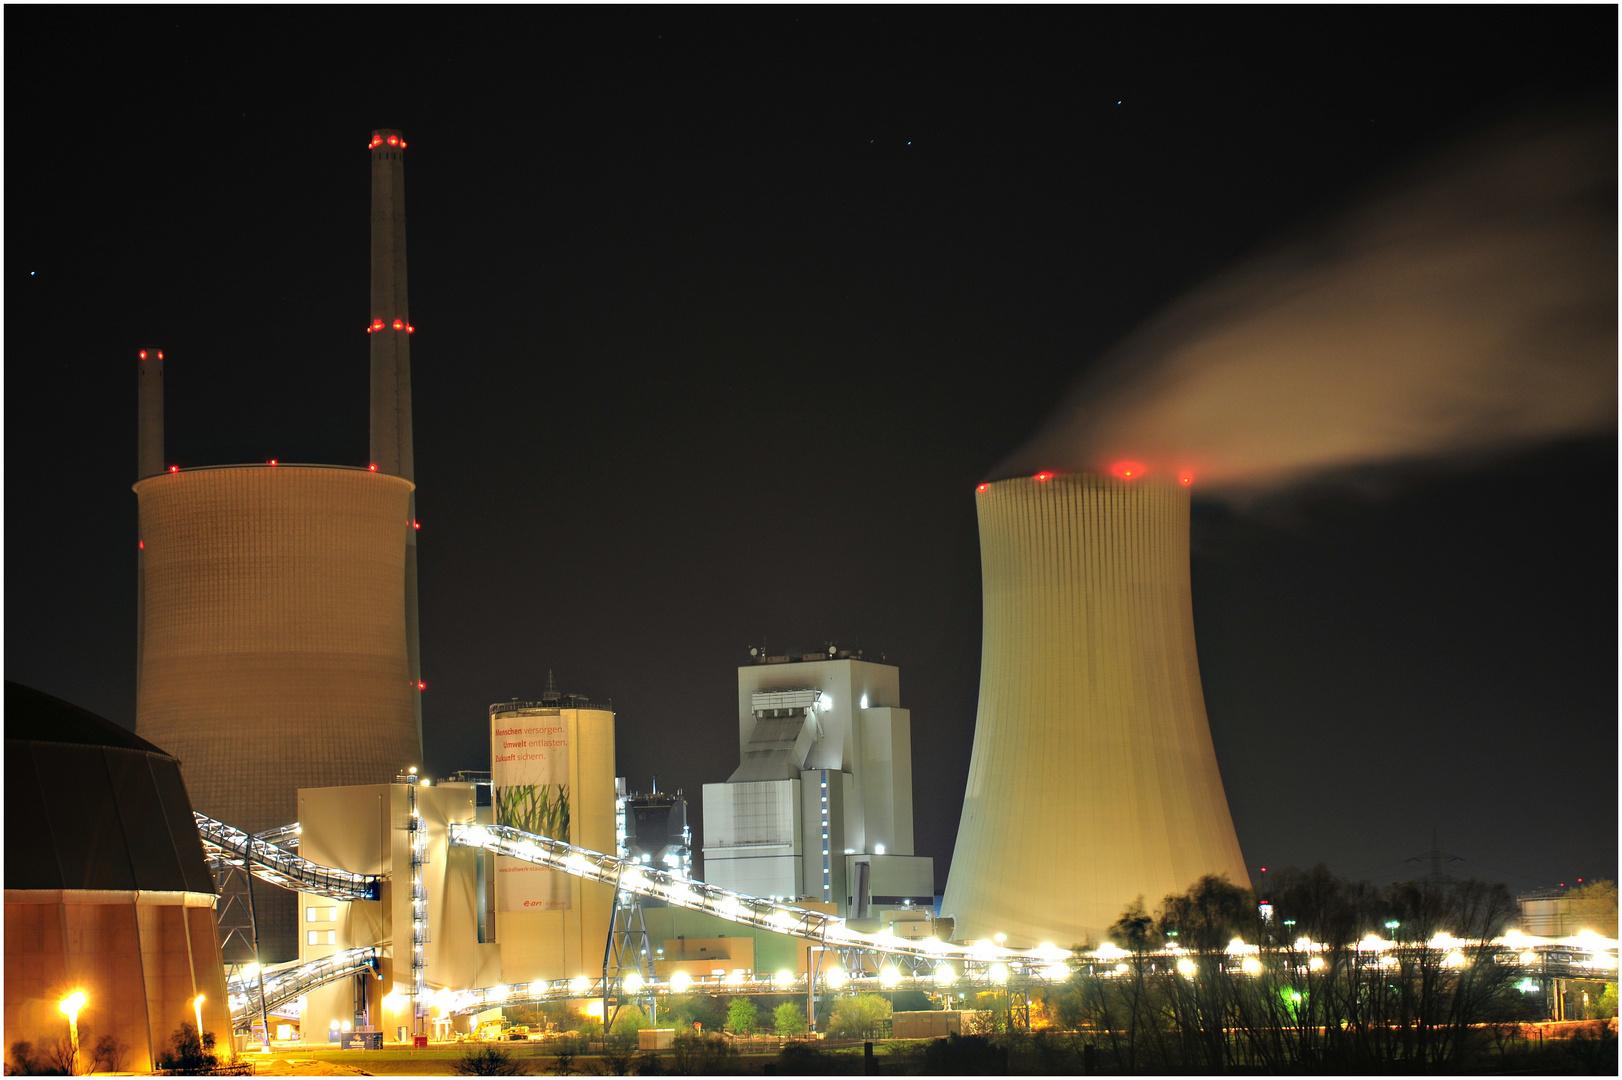 Strom bei Nacht